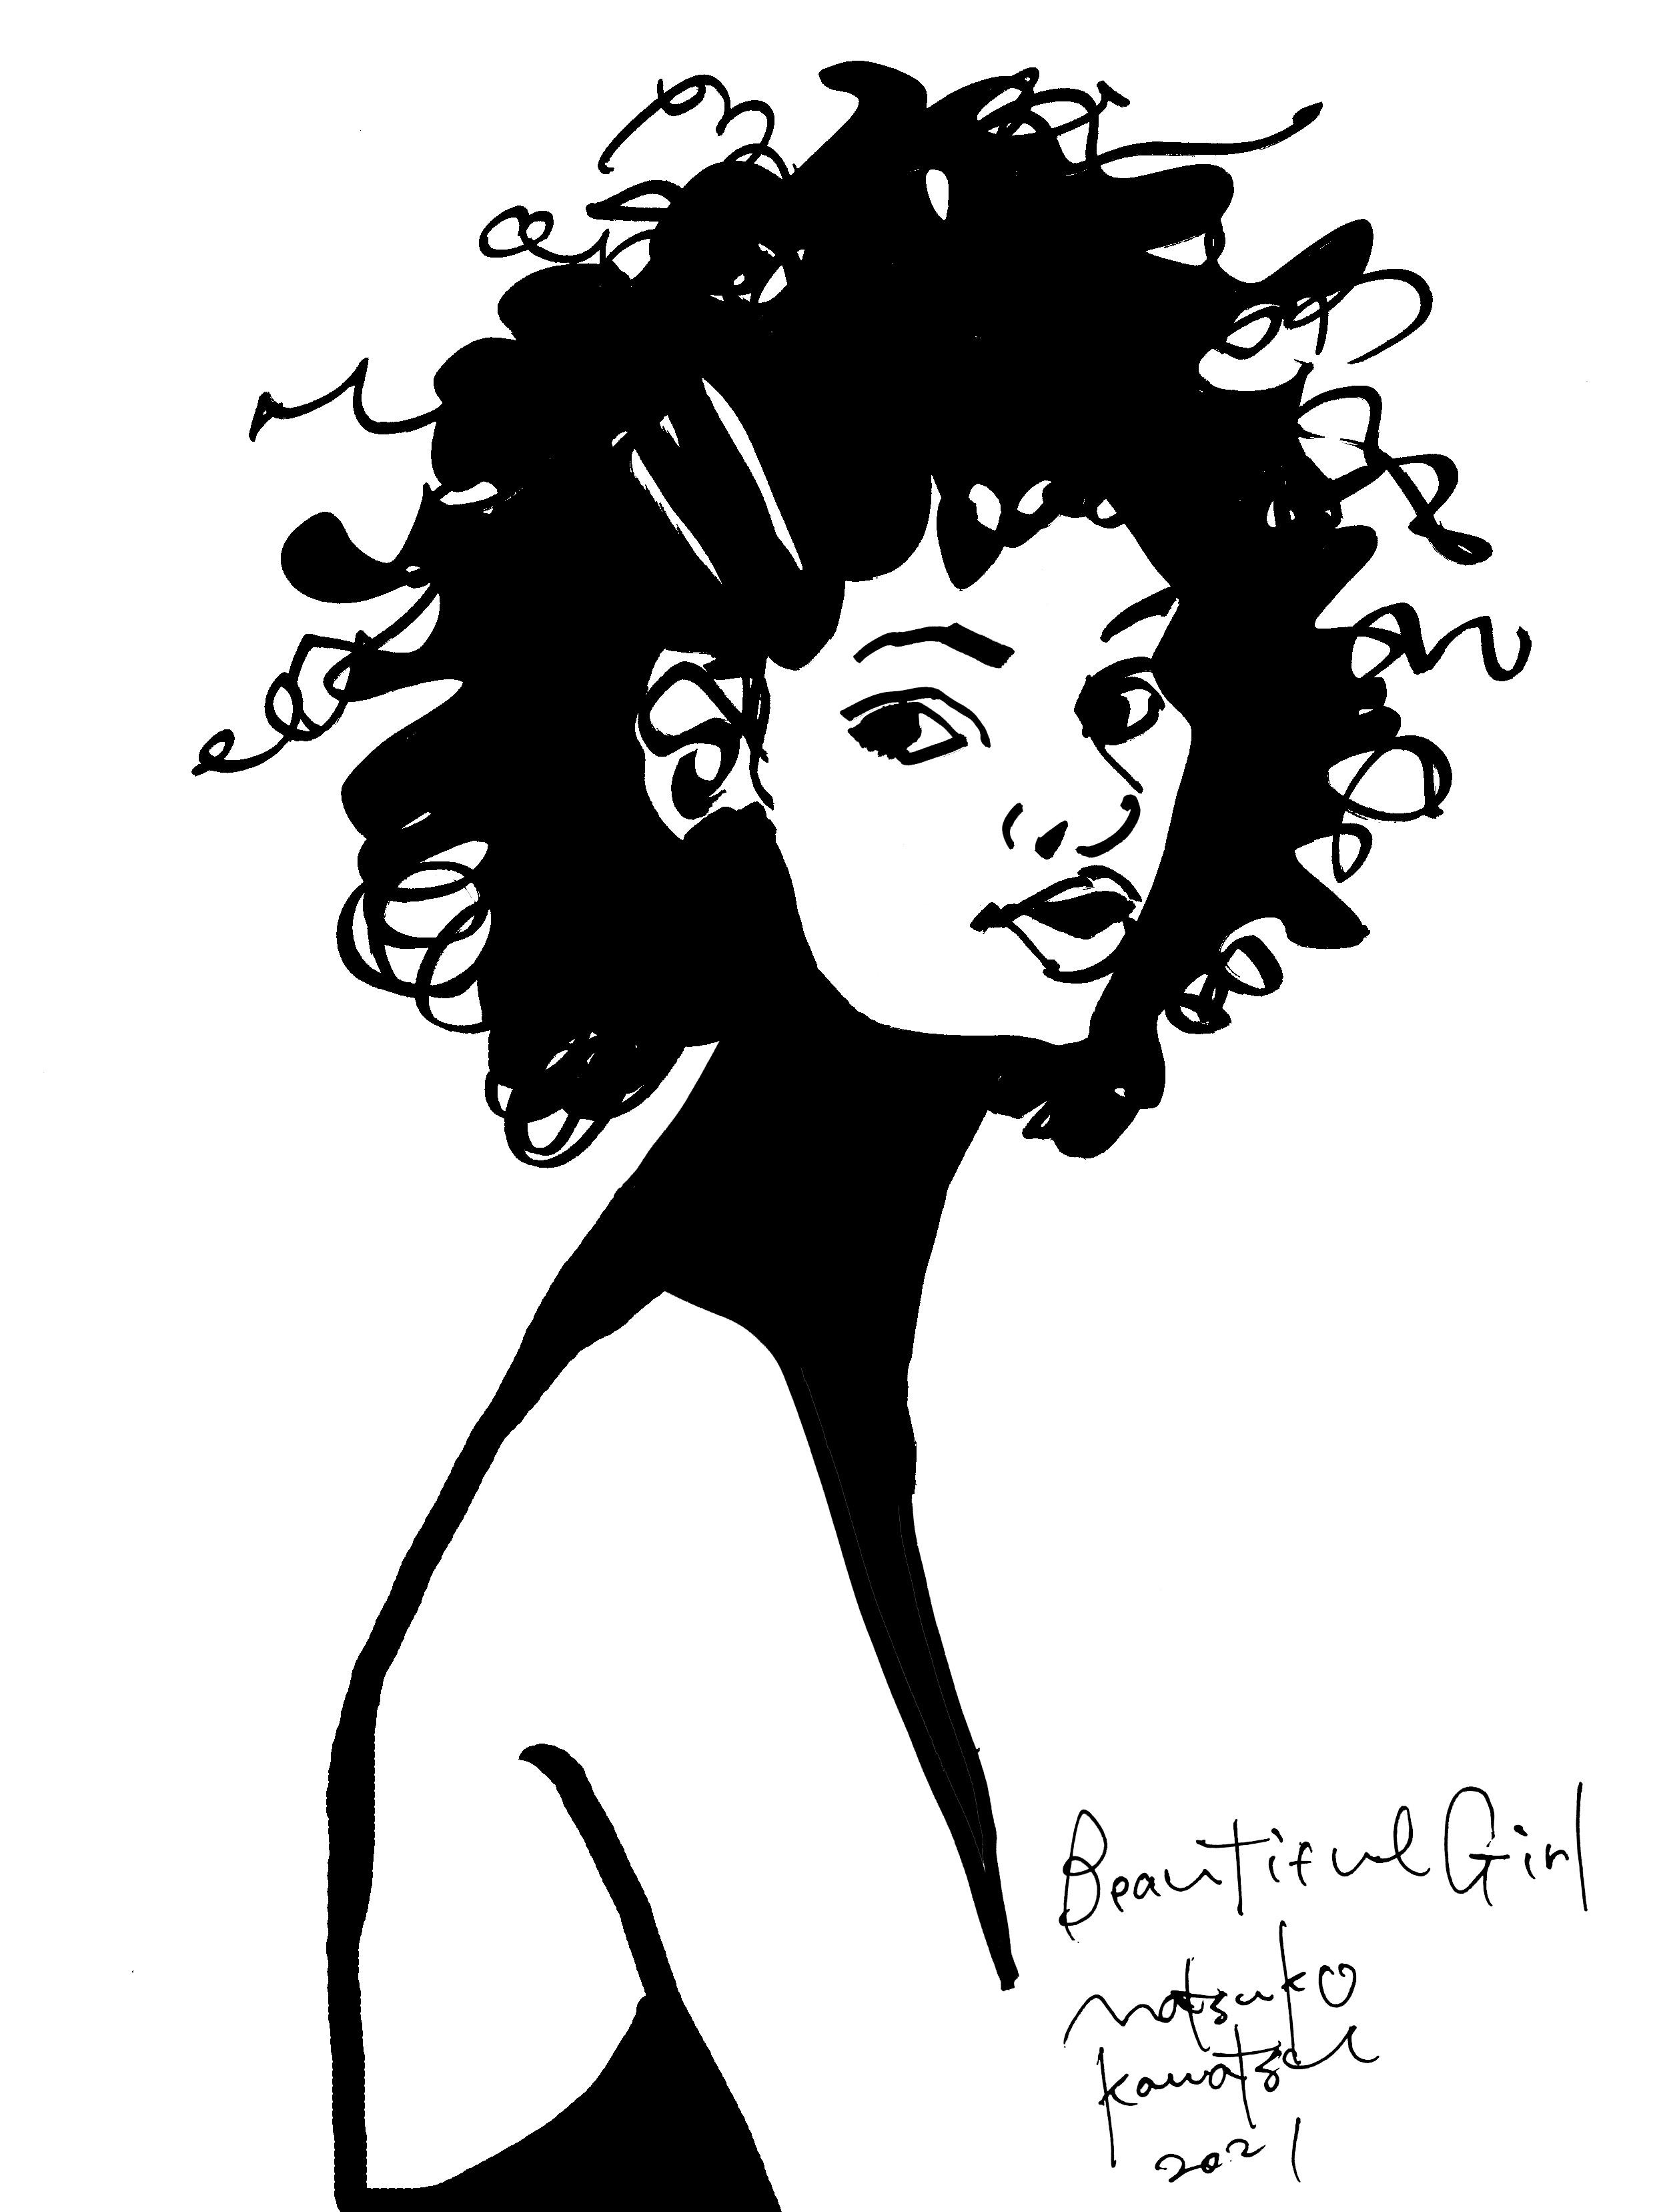 beautifulgirl